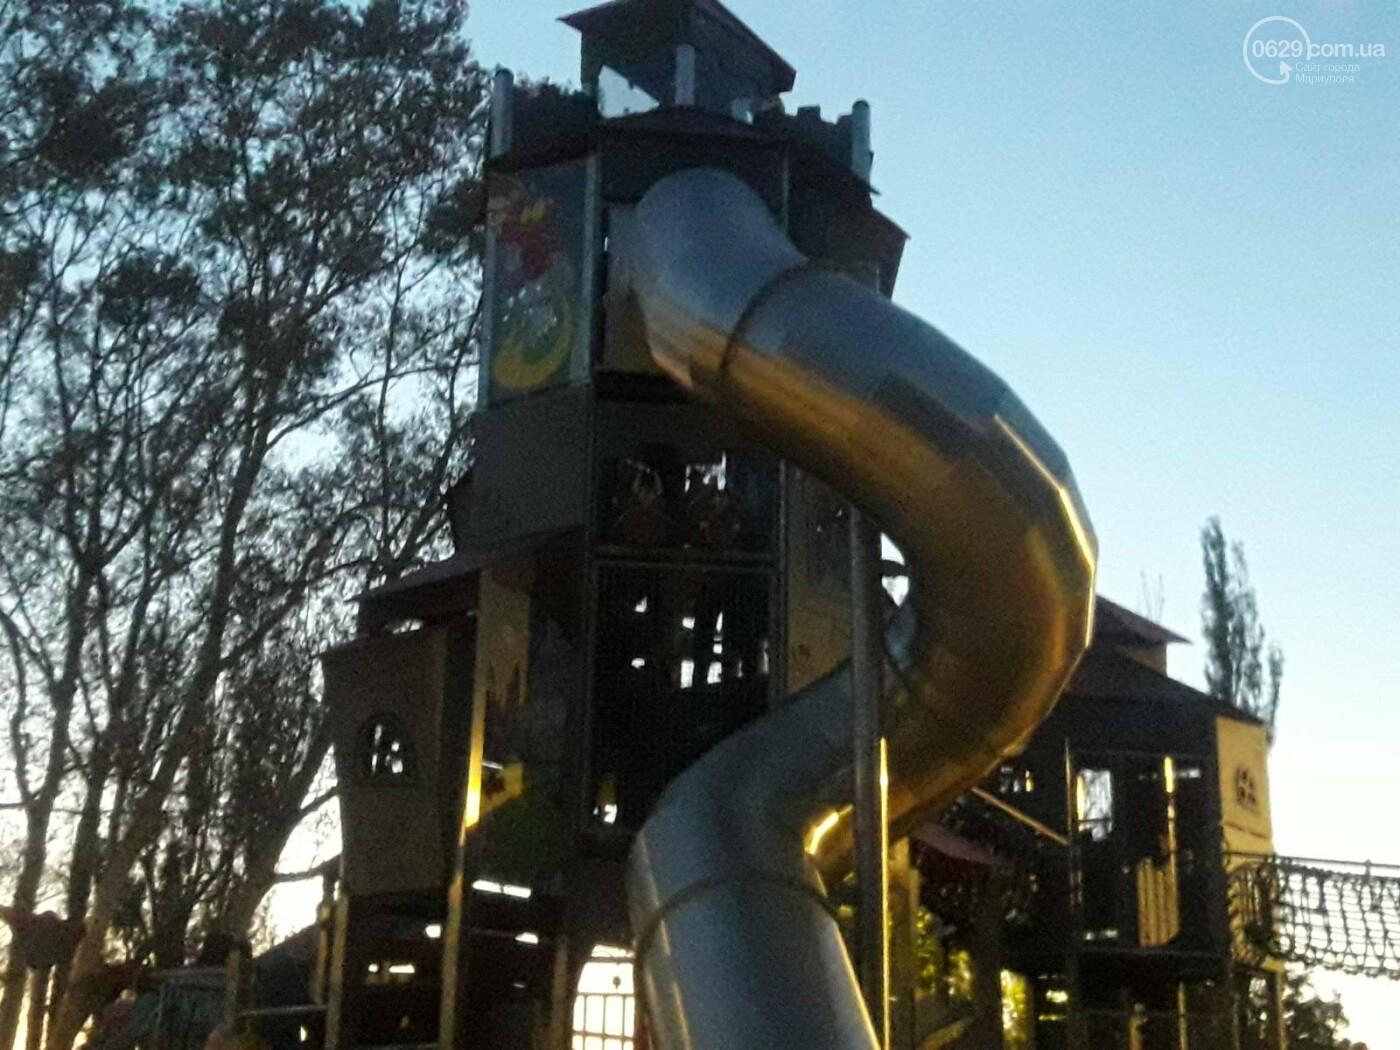 В Мариуполе в парке Гурова на детской площадке травмировался ребенок, - ФОТО, фото-6